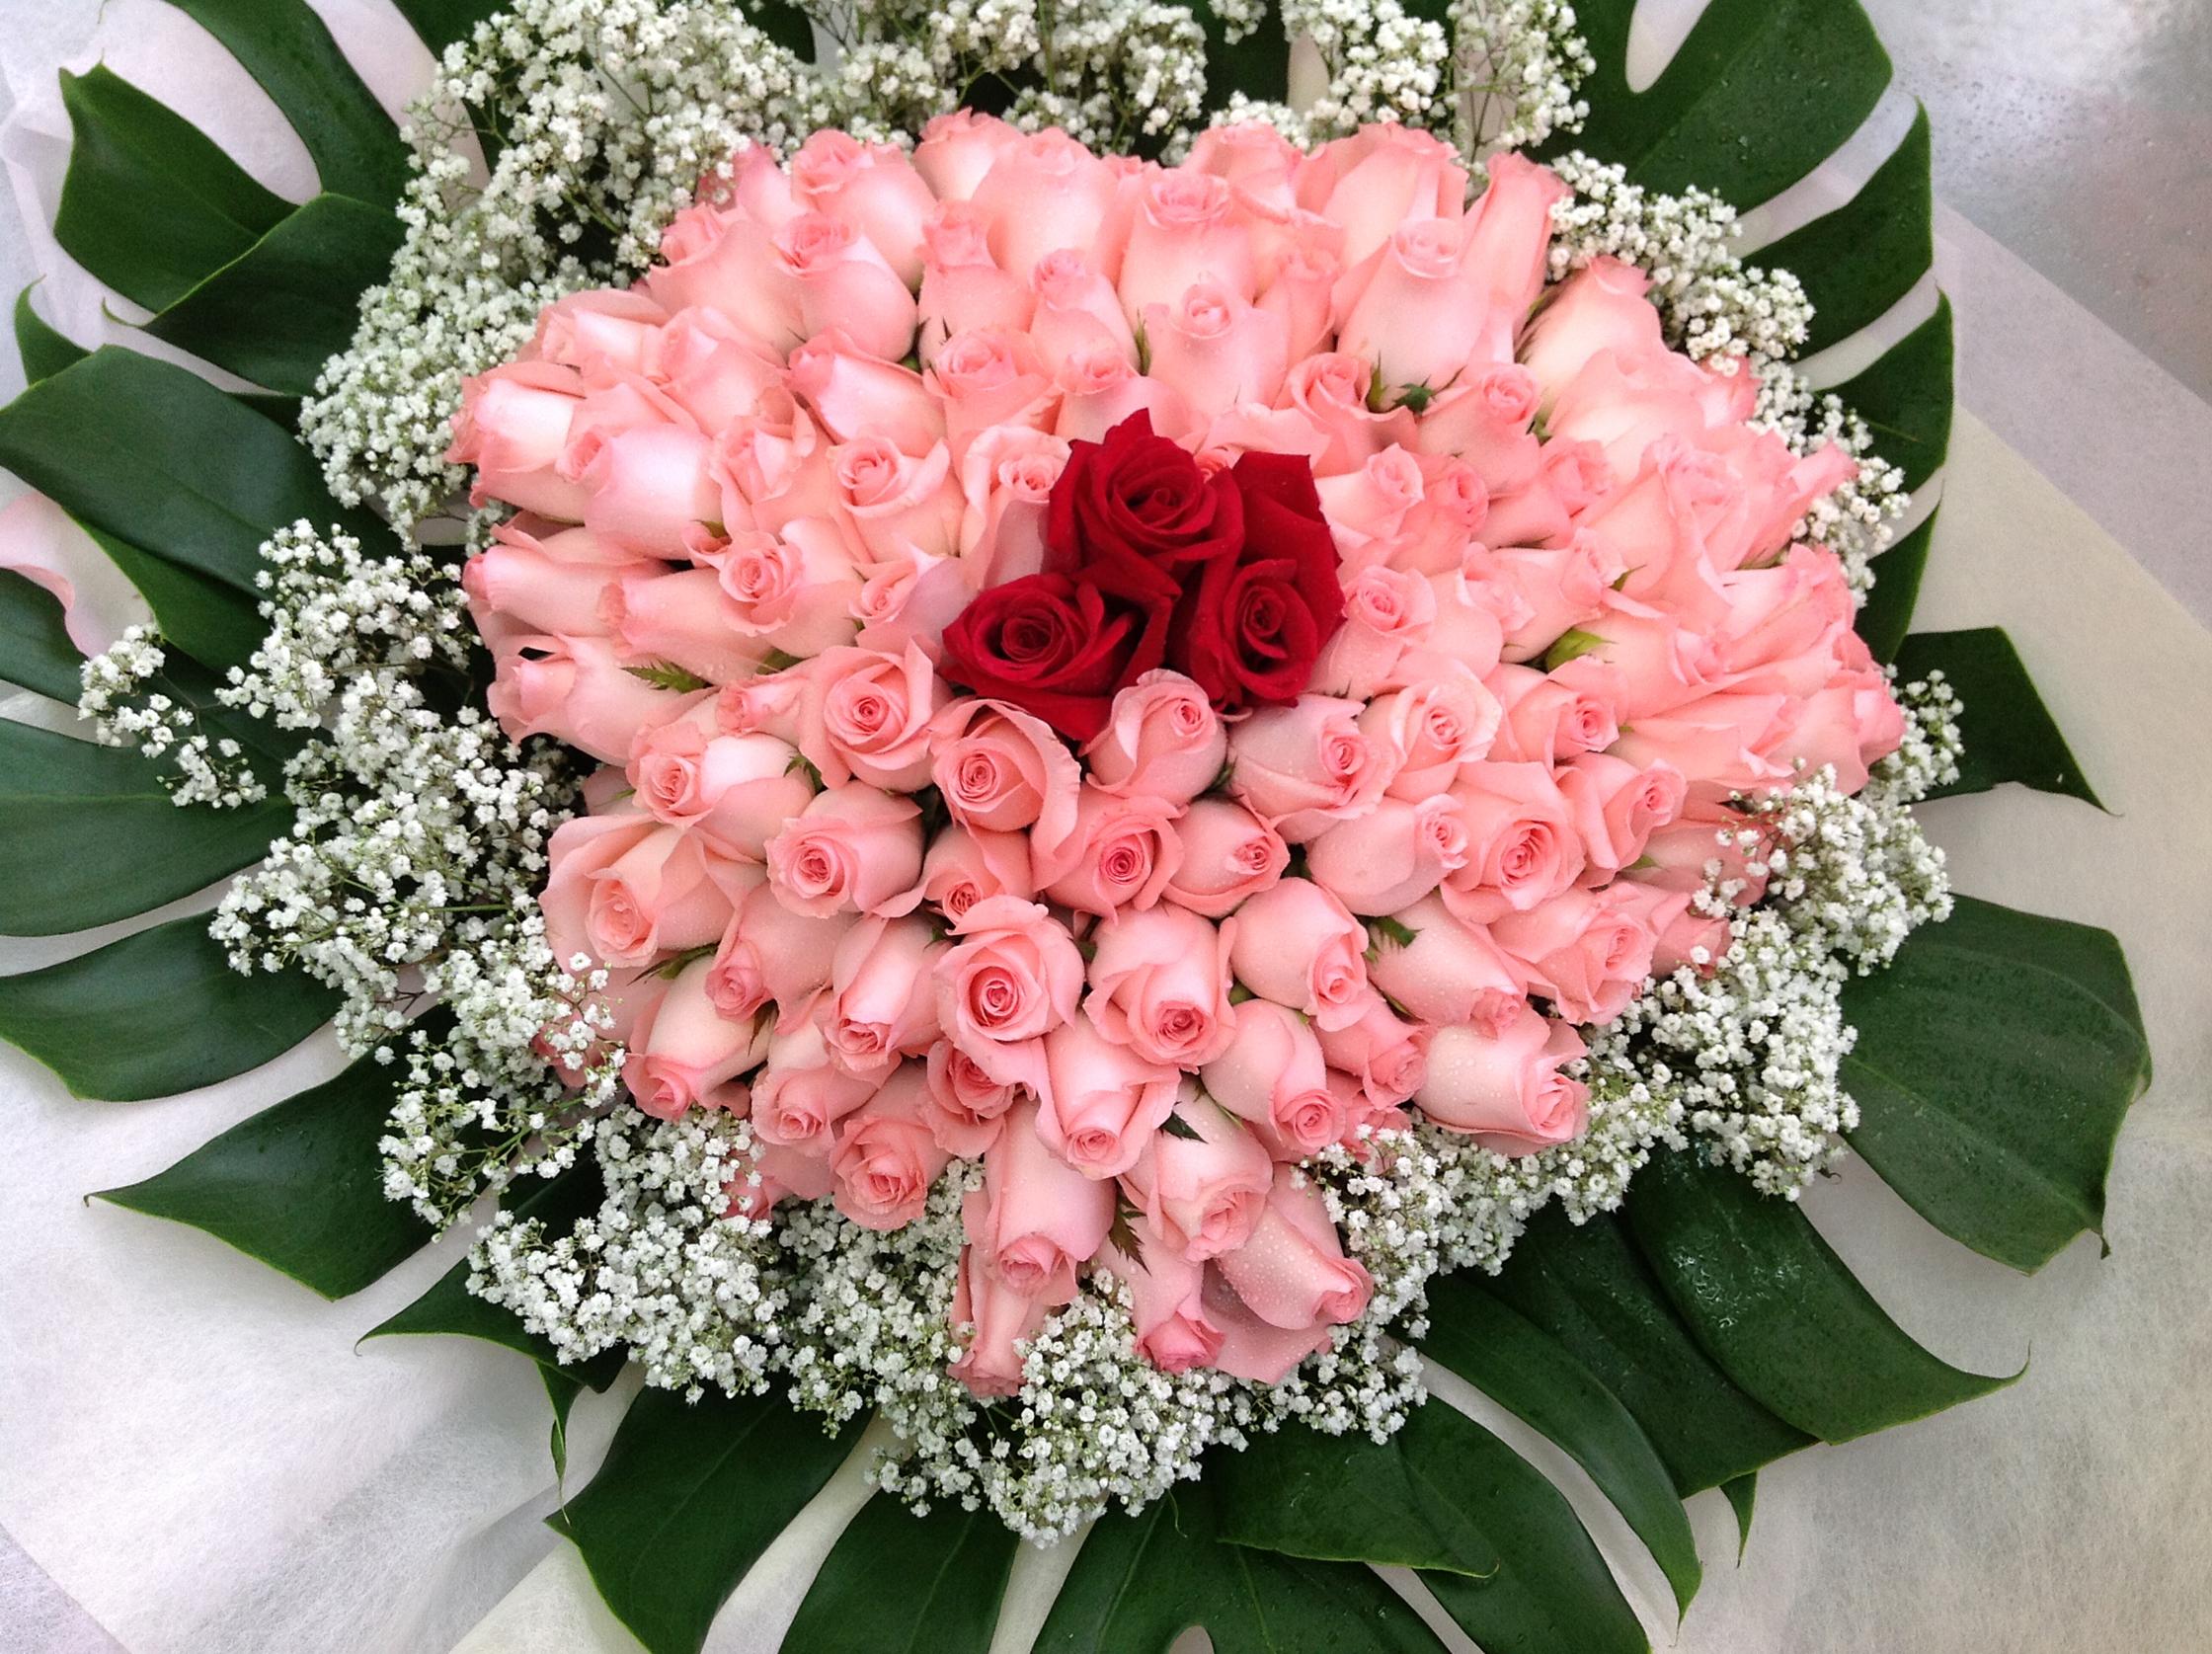 Картинки самого красивого букета роз